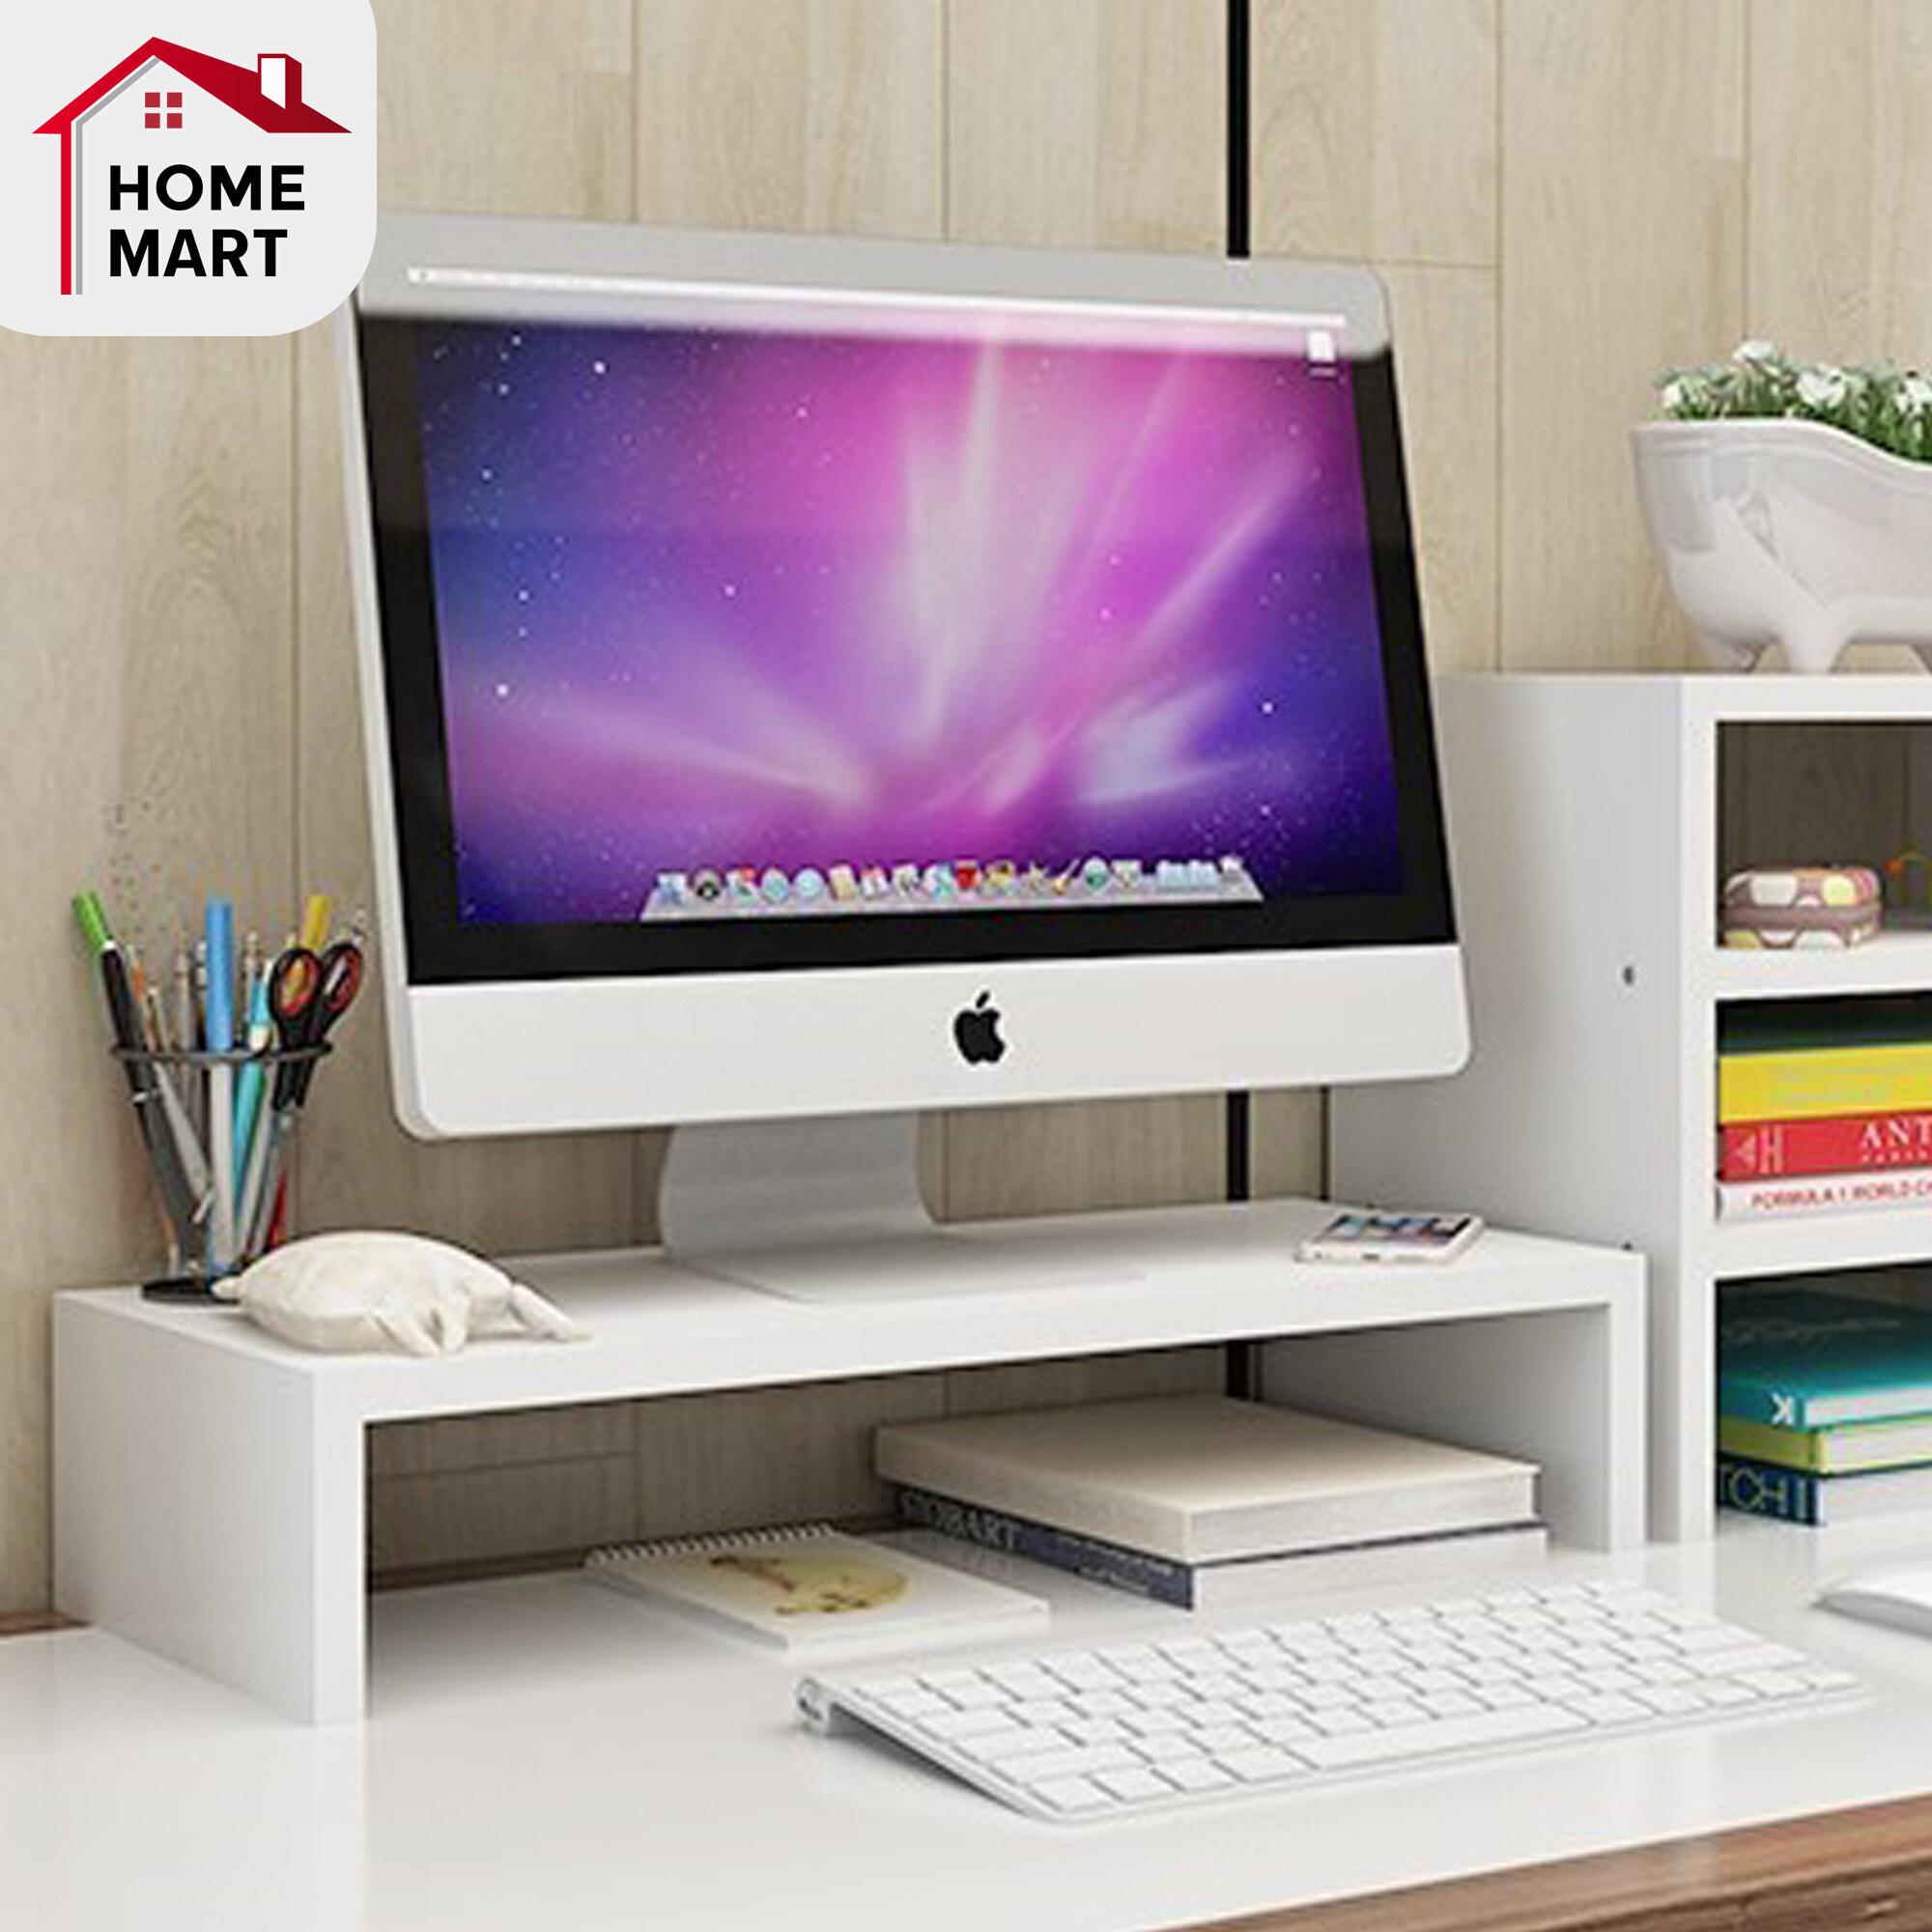 ชั้นวาง Laptop โต๊ะวางคอม โต๊ะวางโน๊ตบุ๊ค ที่วางคอม สำหรับจัดระดับ จัดเก็บของ ชั้นวางจอคอม Laptop And Monitor Table For Posture And Ergonomics For Working.